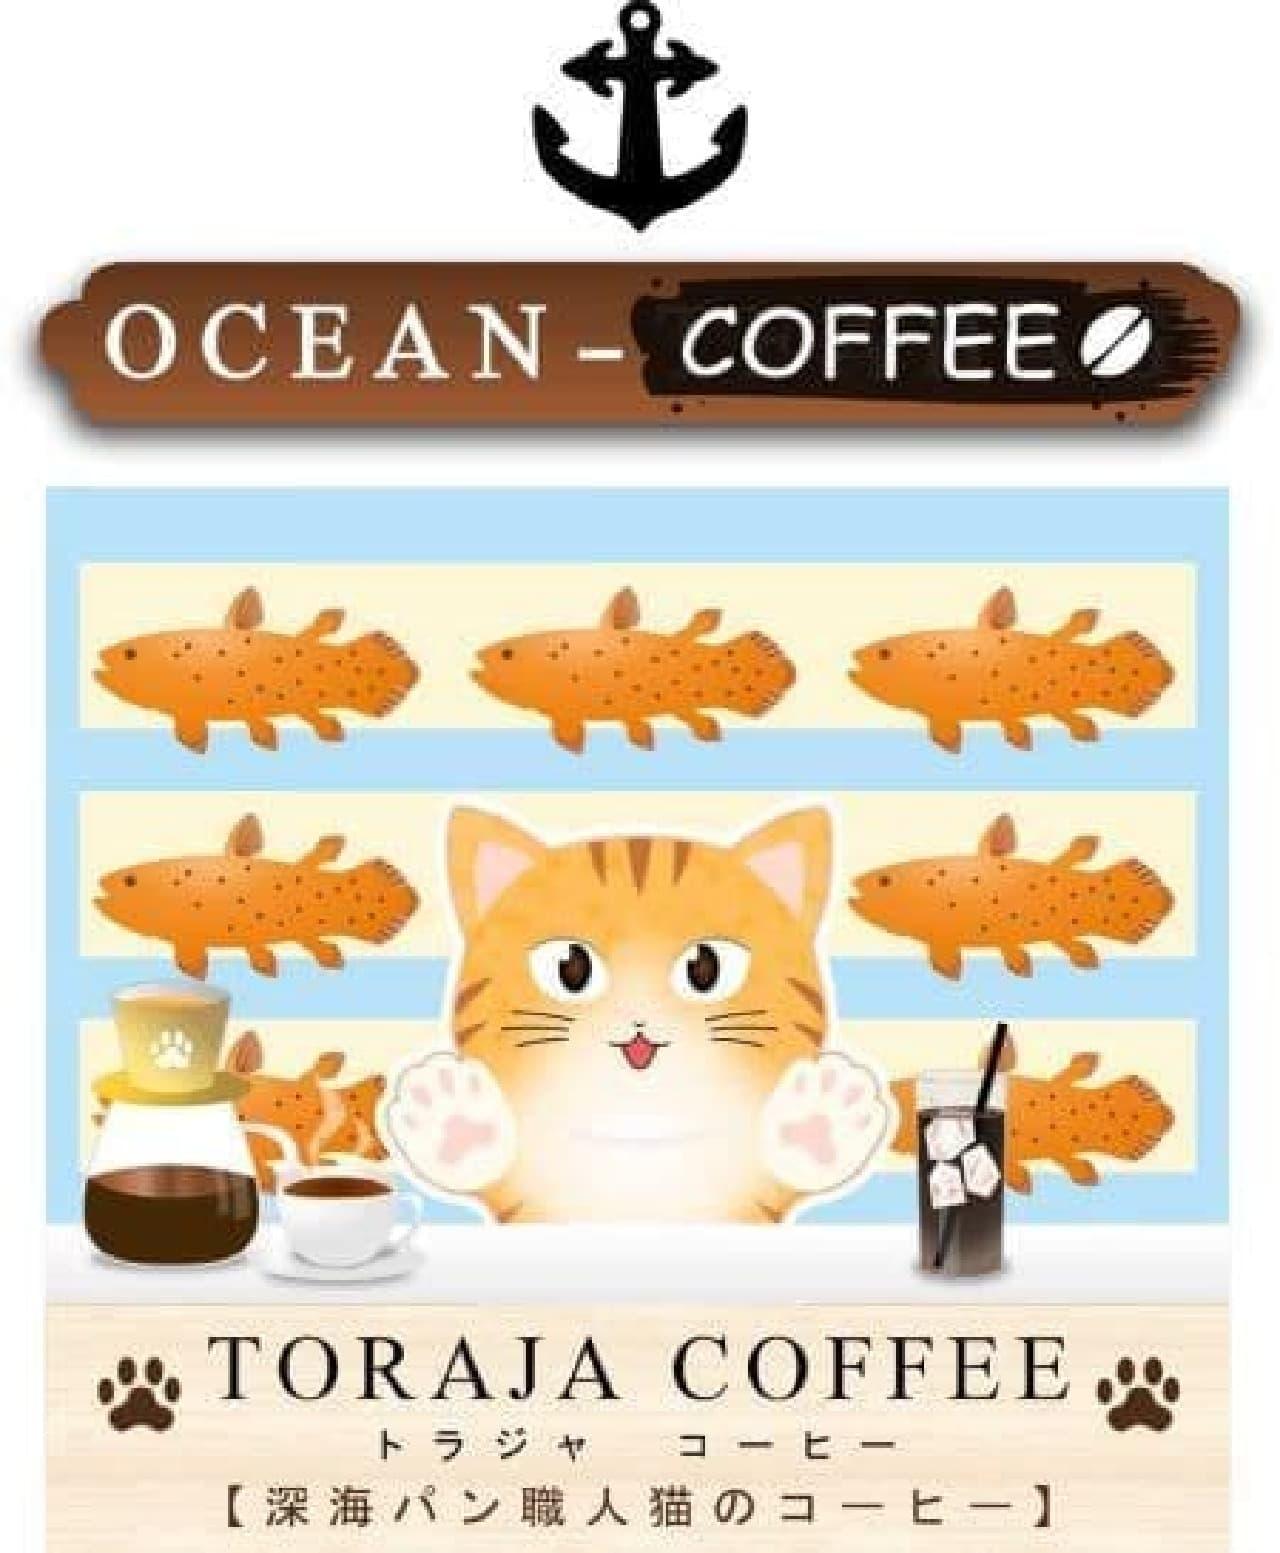 「深海パン職人猫のコーヒーバッグ」は猫のかたちをしたコーヒーバッグ